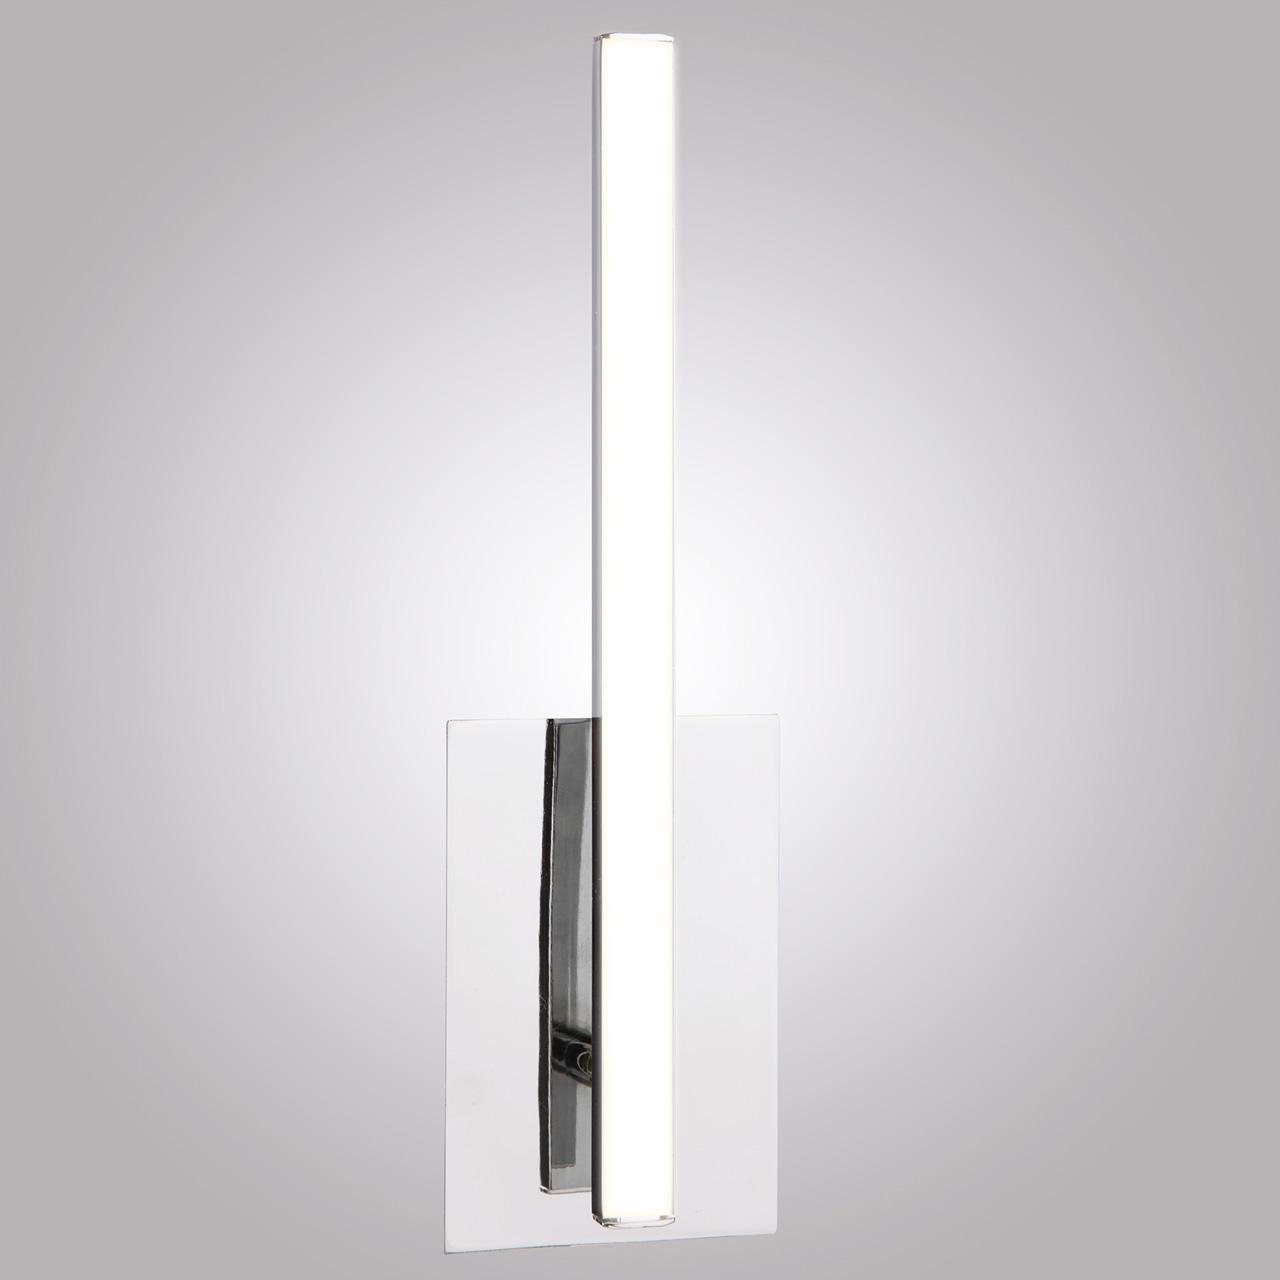 Настенный светодиодный светильник Eurosvet Хай-Тек 90020/1 хром настенное бра eurosvet хай тек 90020 2 хром